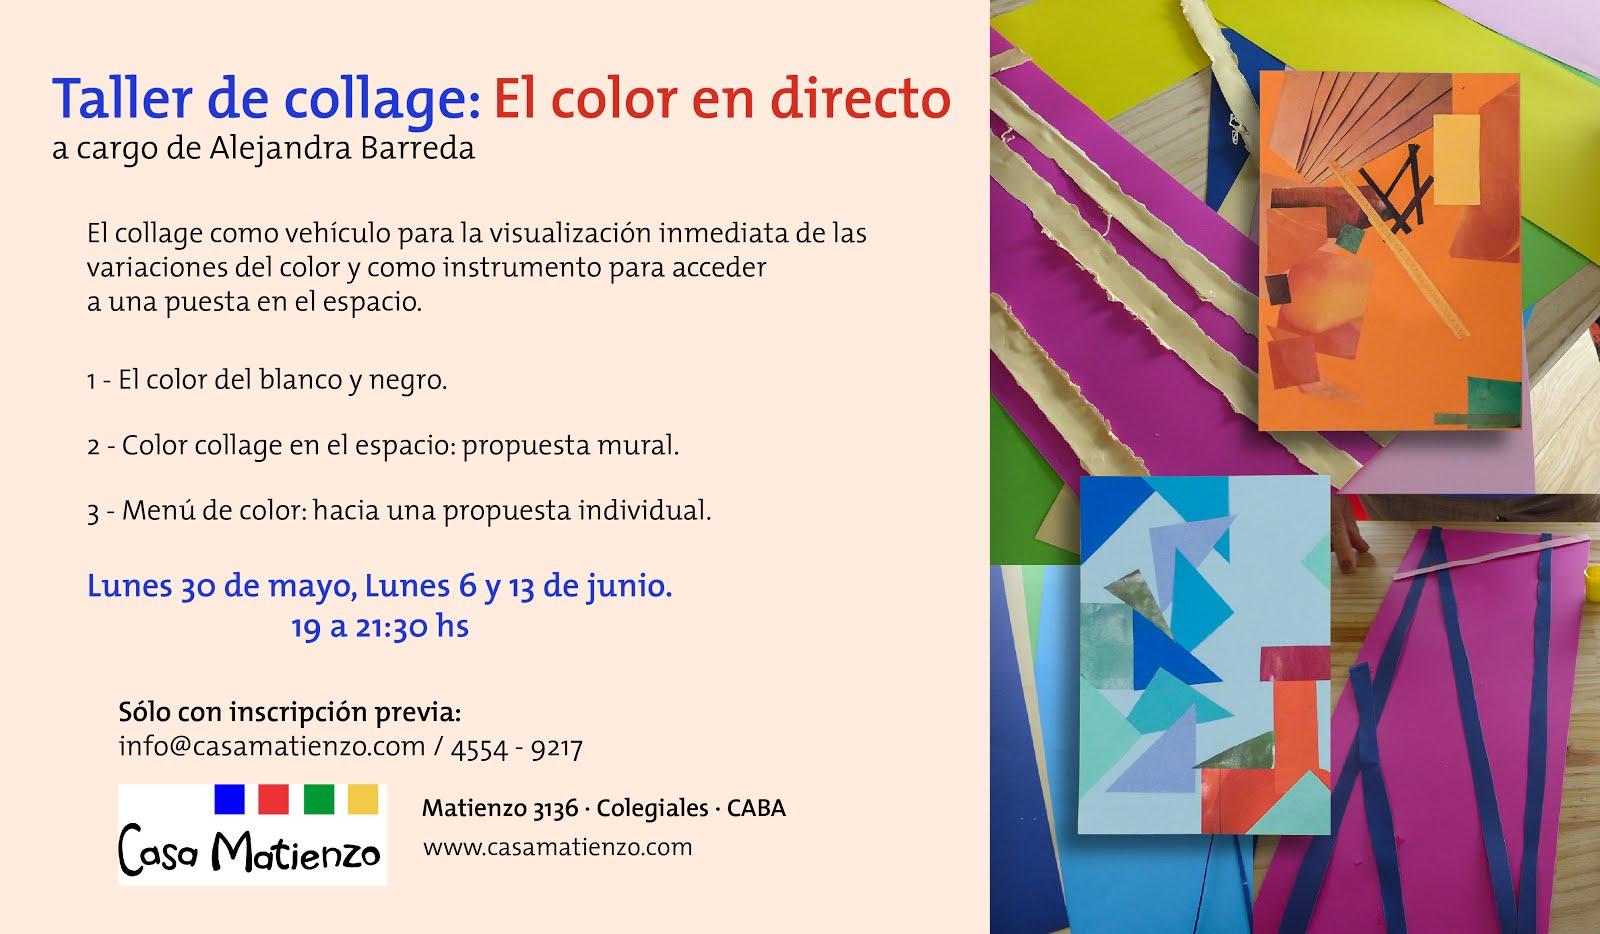 TALLER DE COLLAGE: EL COLOR EN DIRECTO. A cargo de Alejandra Barrera